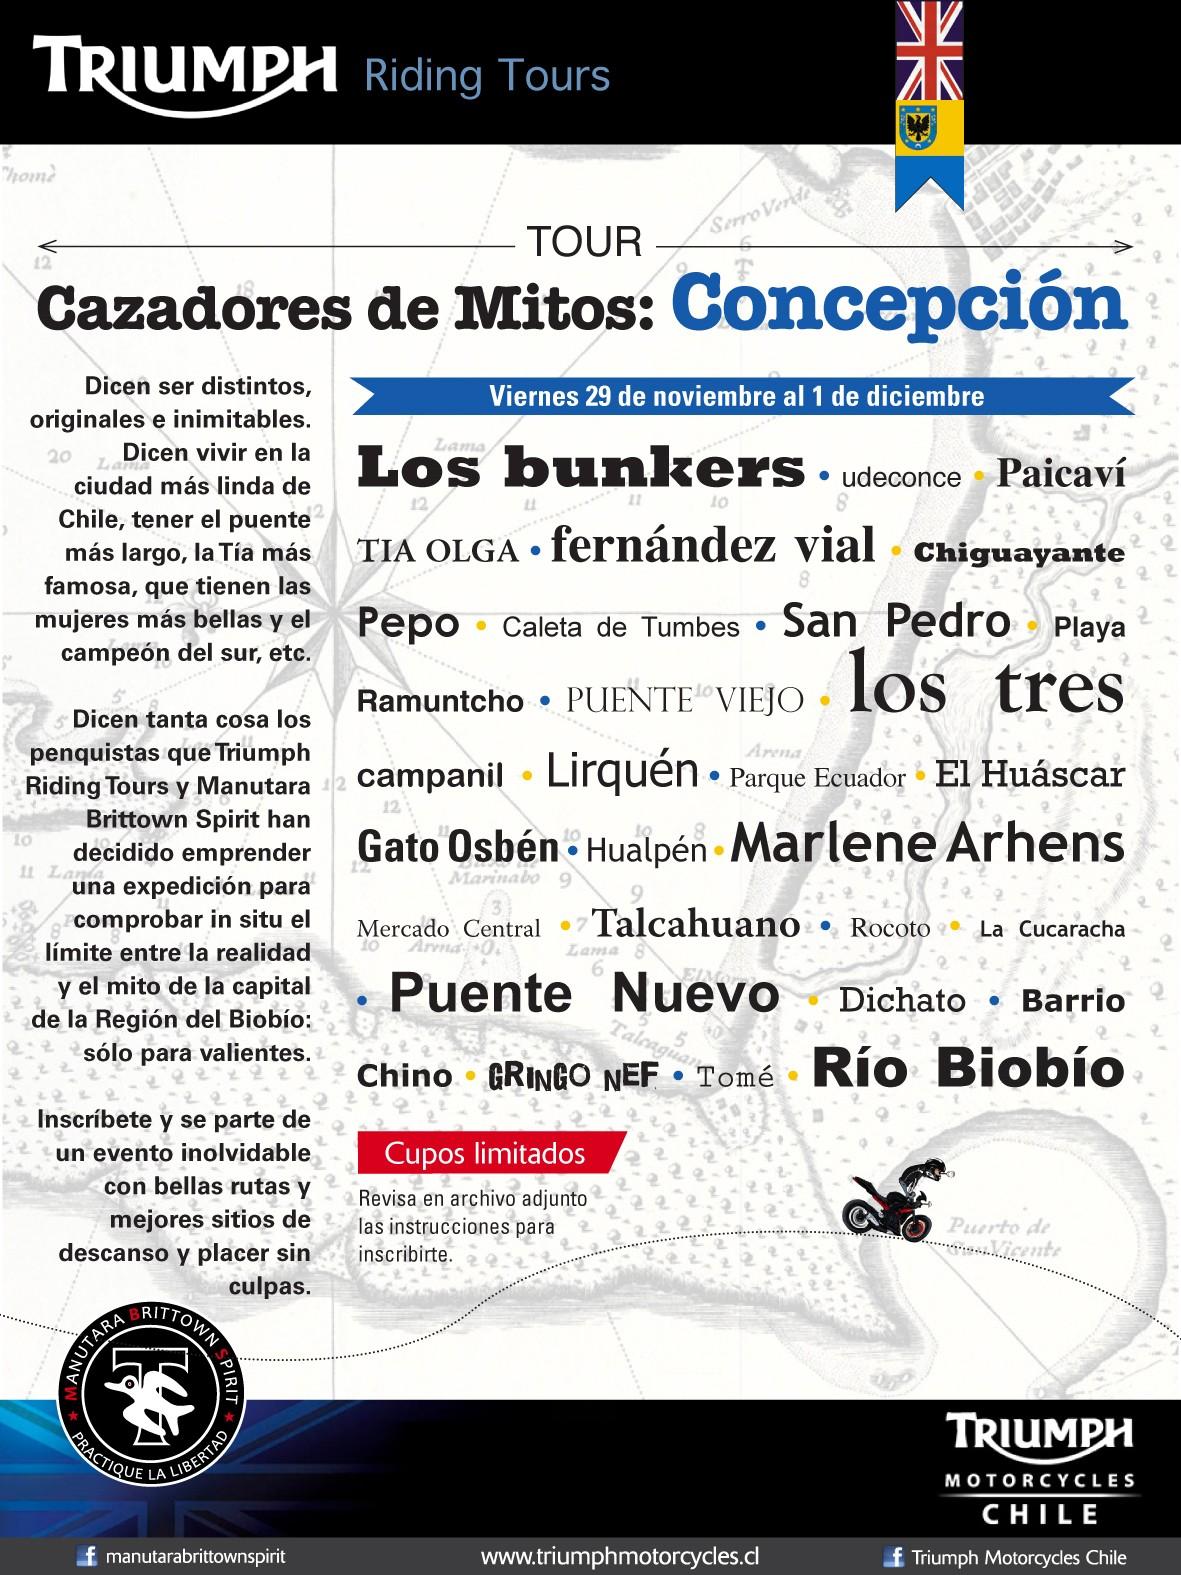 Tour Cazadores de Mitos Concepción